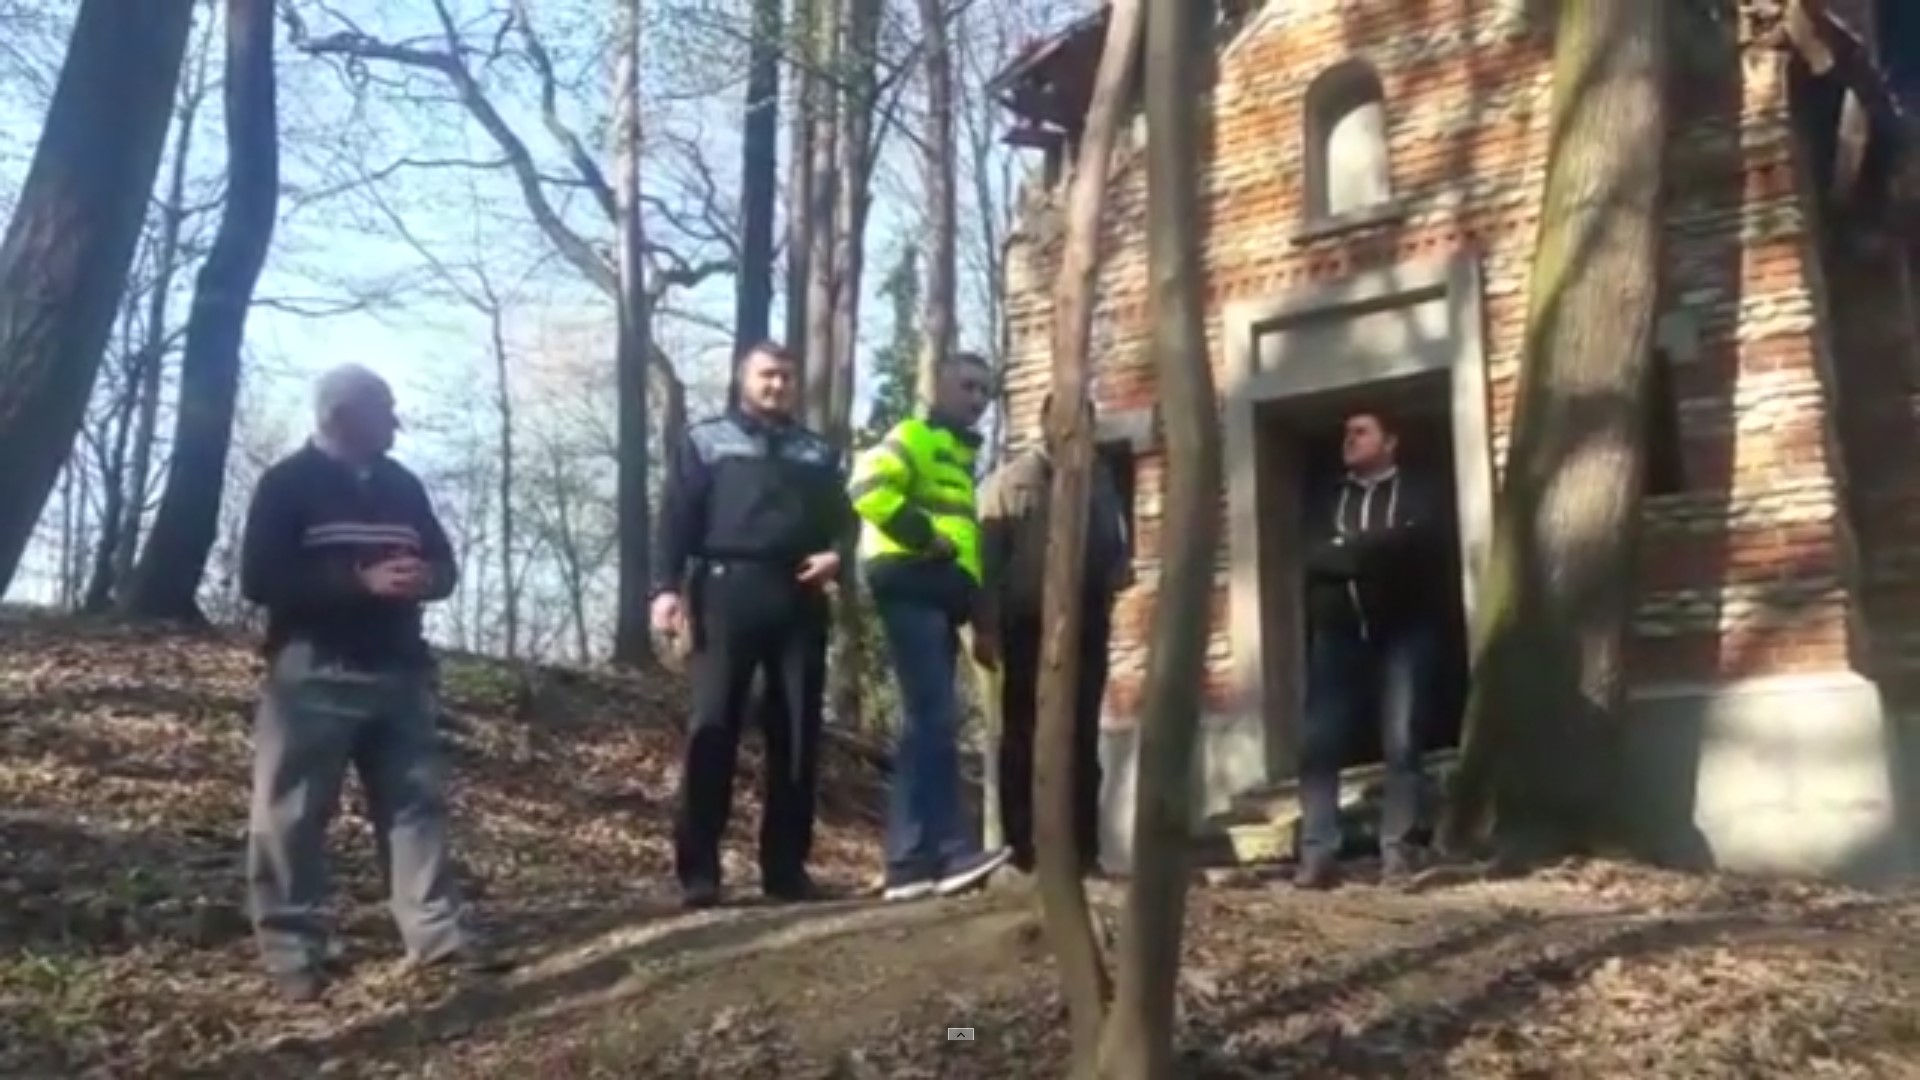 Anchetă la Vila lui Ceaușescu din Micești, Argeș: un cadavru decapitat găsit în capela de rugăciune